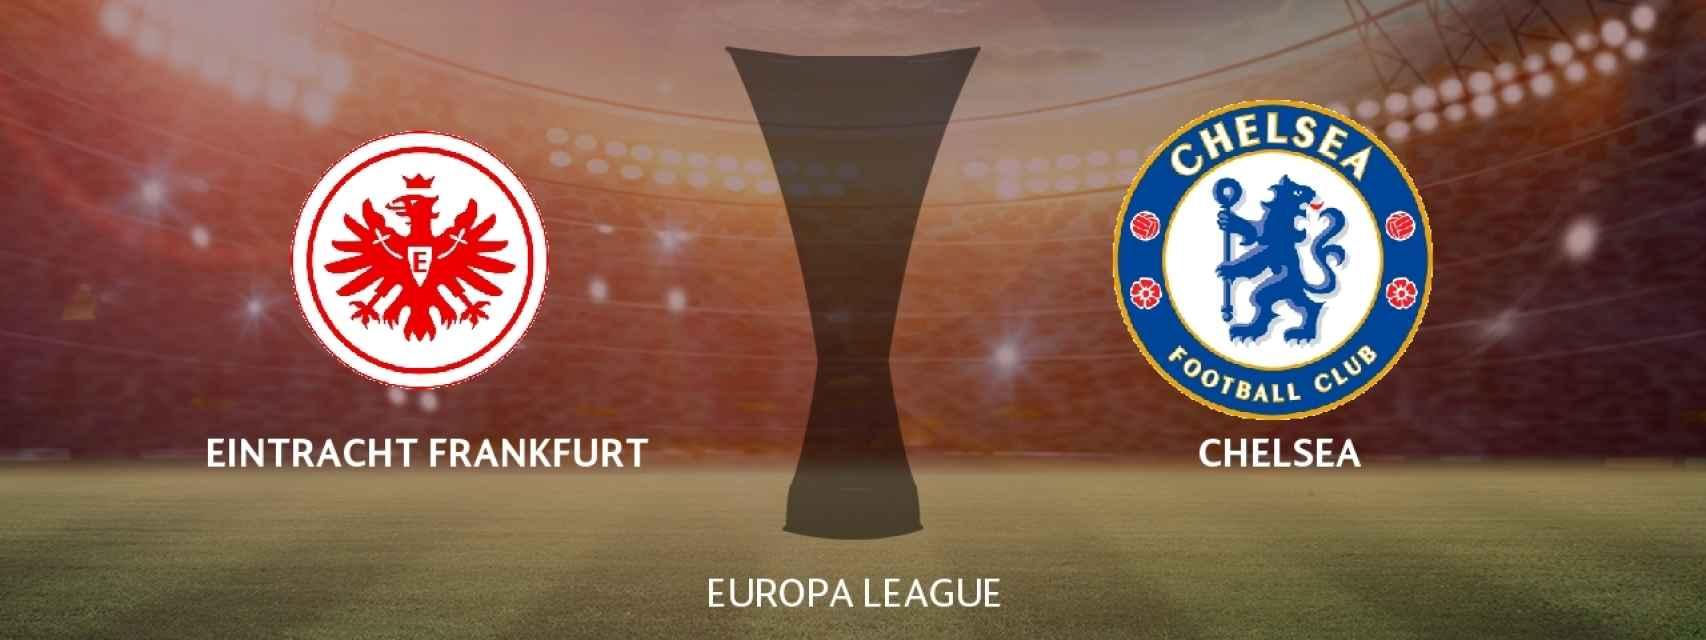 Eintracht Frankfurt - Chelsea